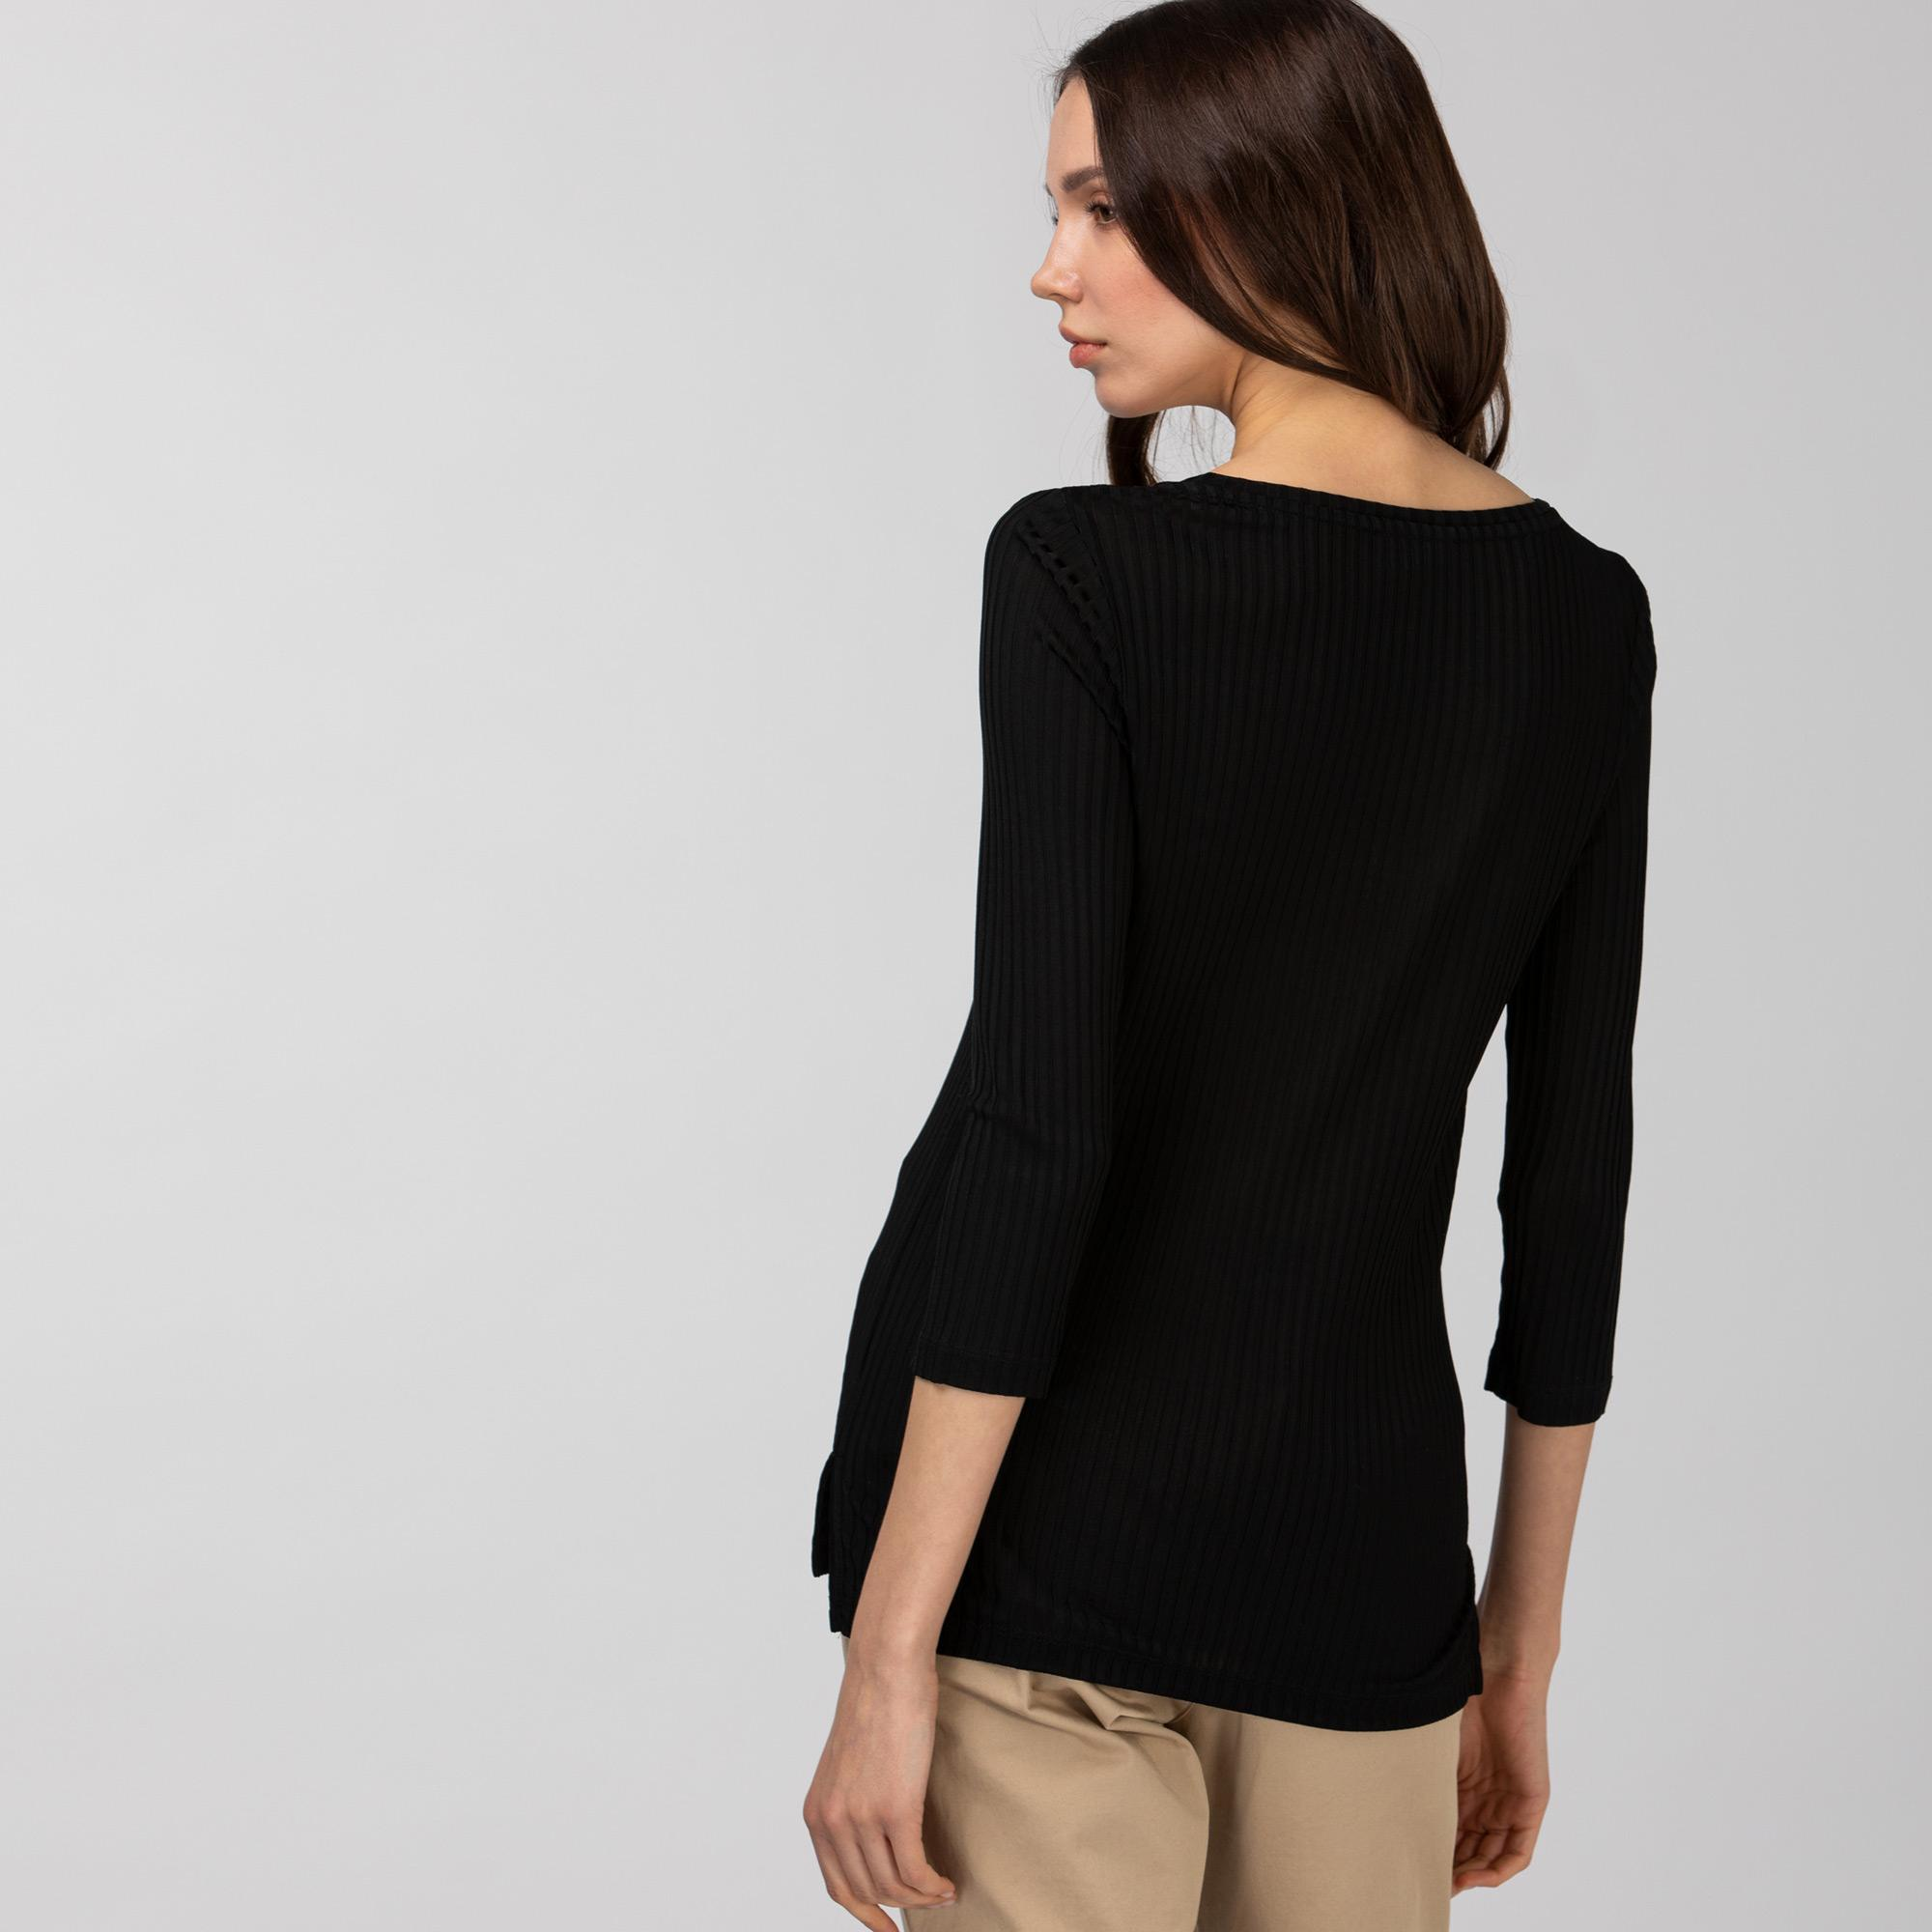 Lacoste Kadın Bisiklet Yaka Çizgili Uzun Kollu Siyah T-Shirt